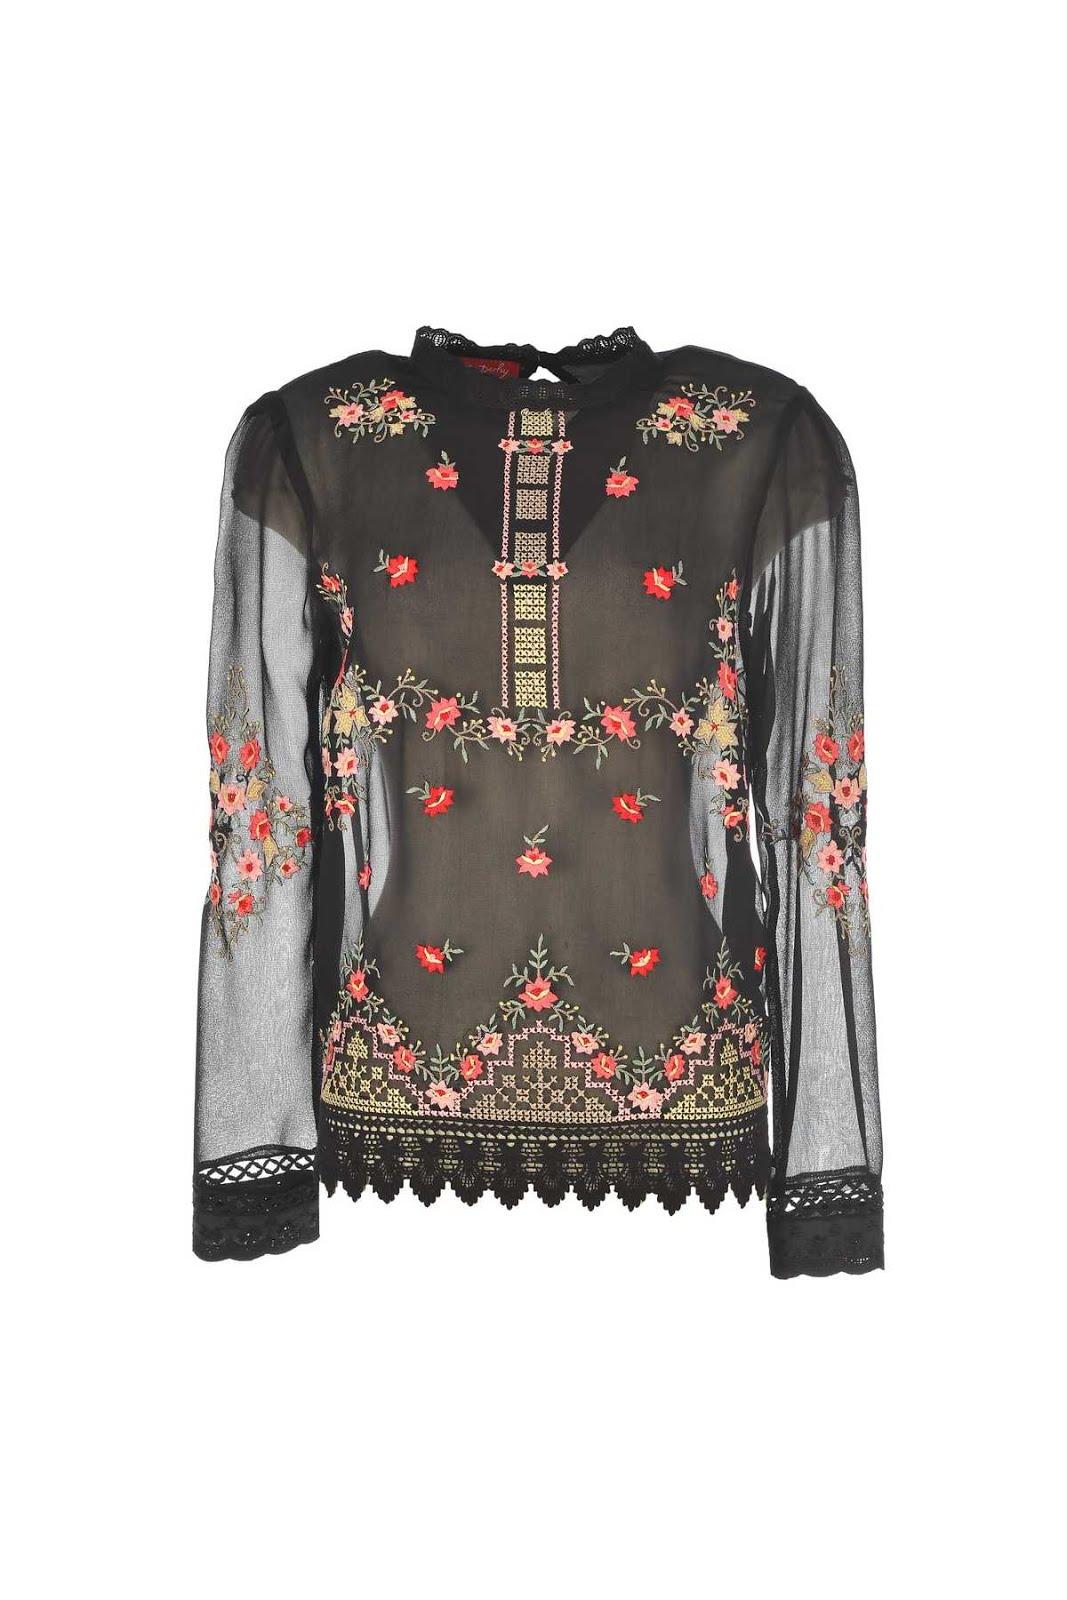 Μπλουζα κεντημενη bohemian style